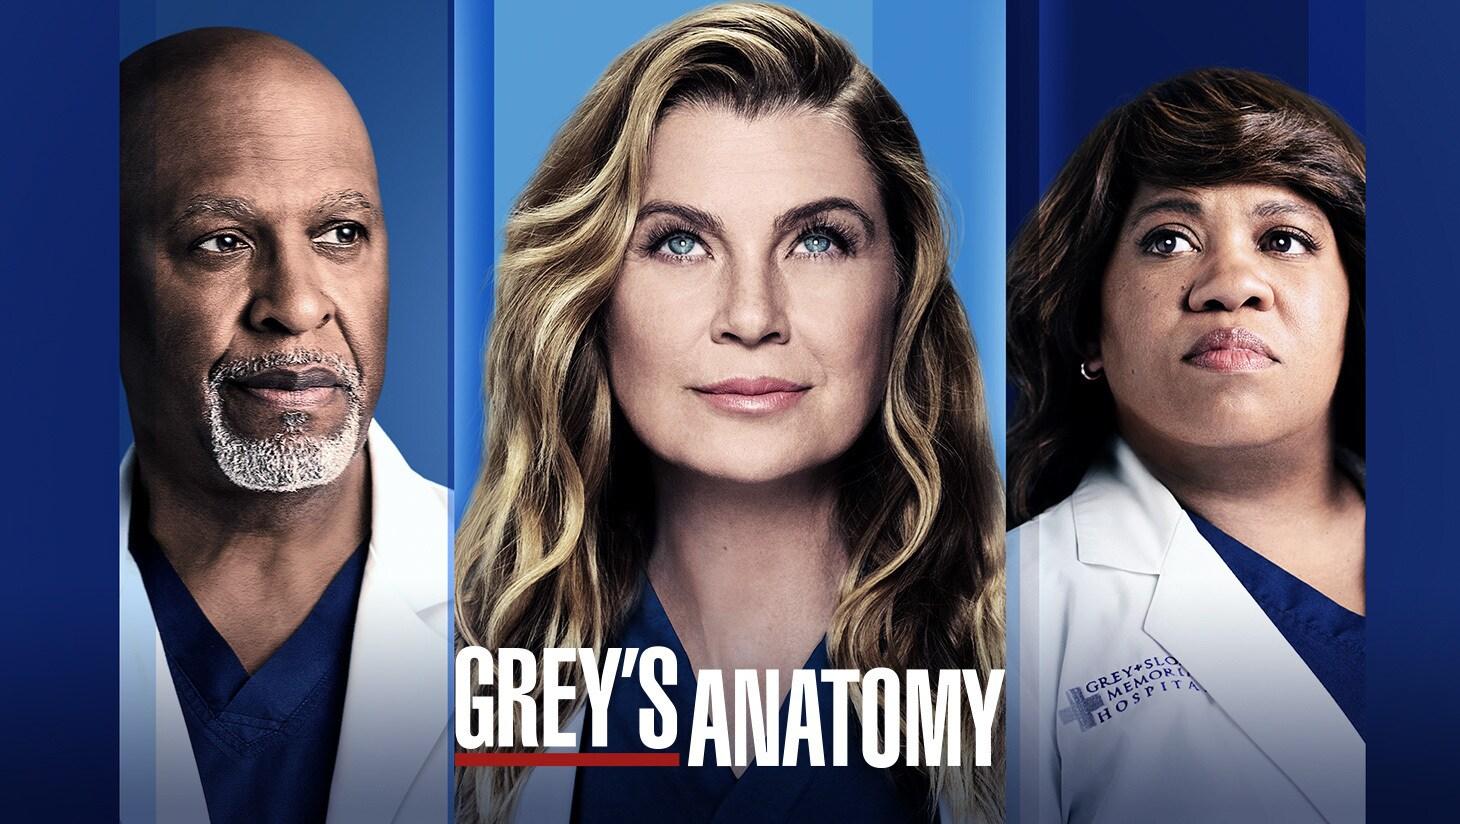 Actors James Pickens Jr., Ellen Pompeo, and Chandra Wilson from Grey's Anatomy